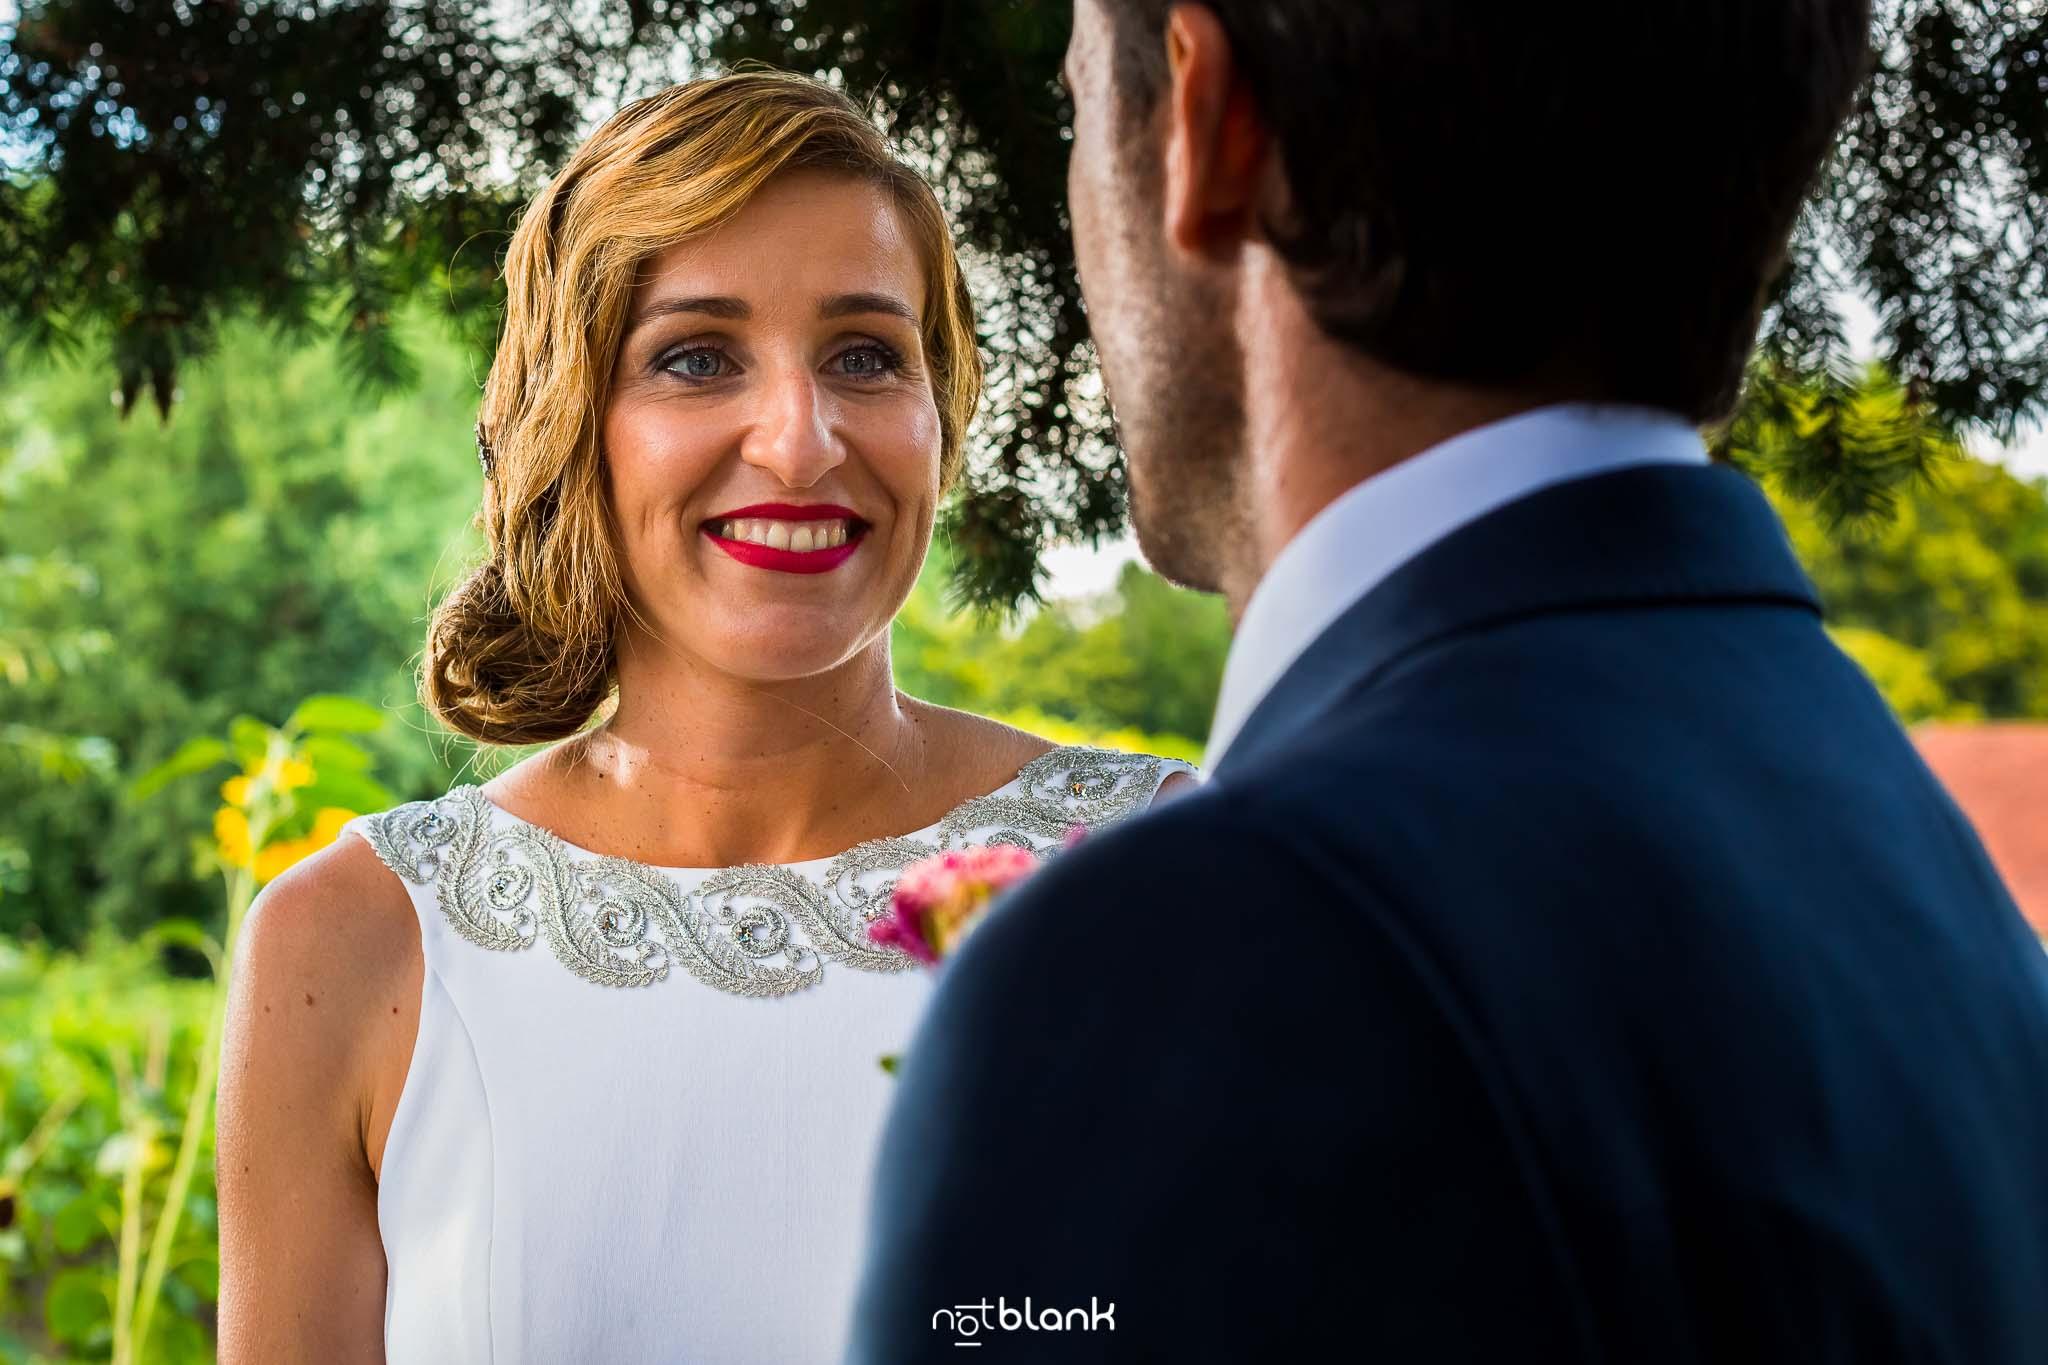 Boda En El Jardin De Casa Jana y Fran - La novia mira sonriendo al novio durante la ceremonia civil - Notblank Fotografos de boda